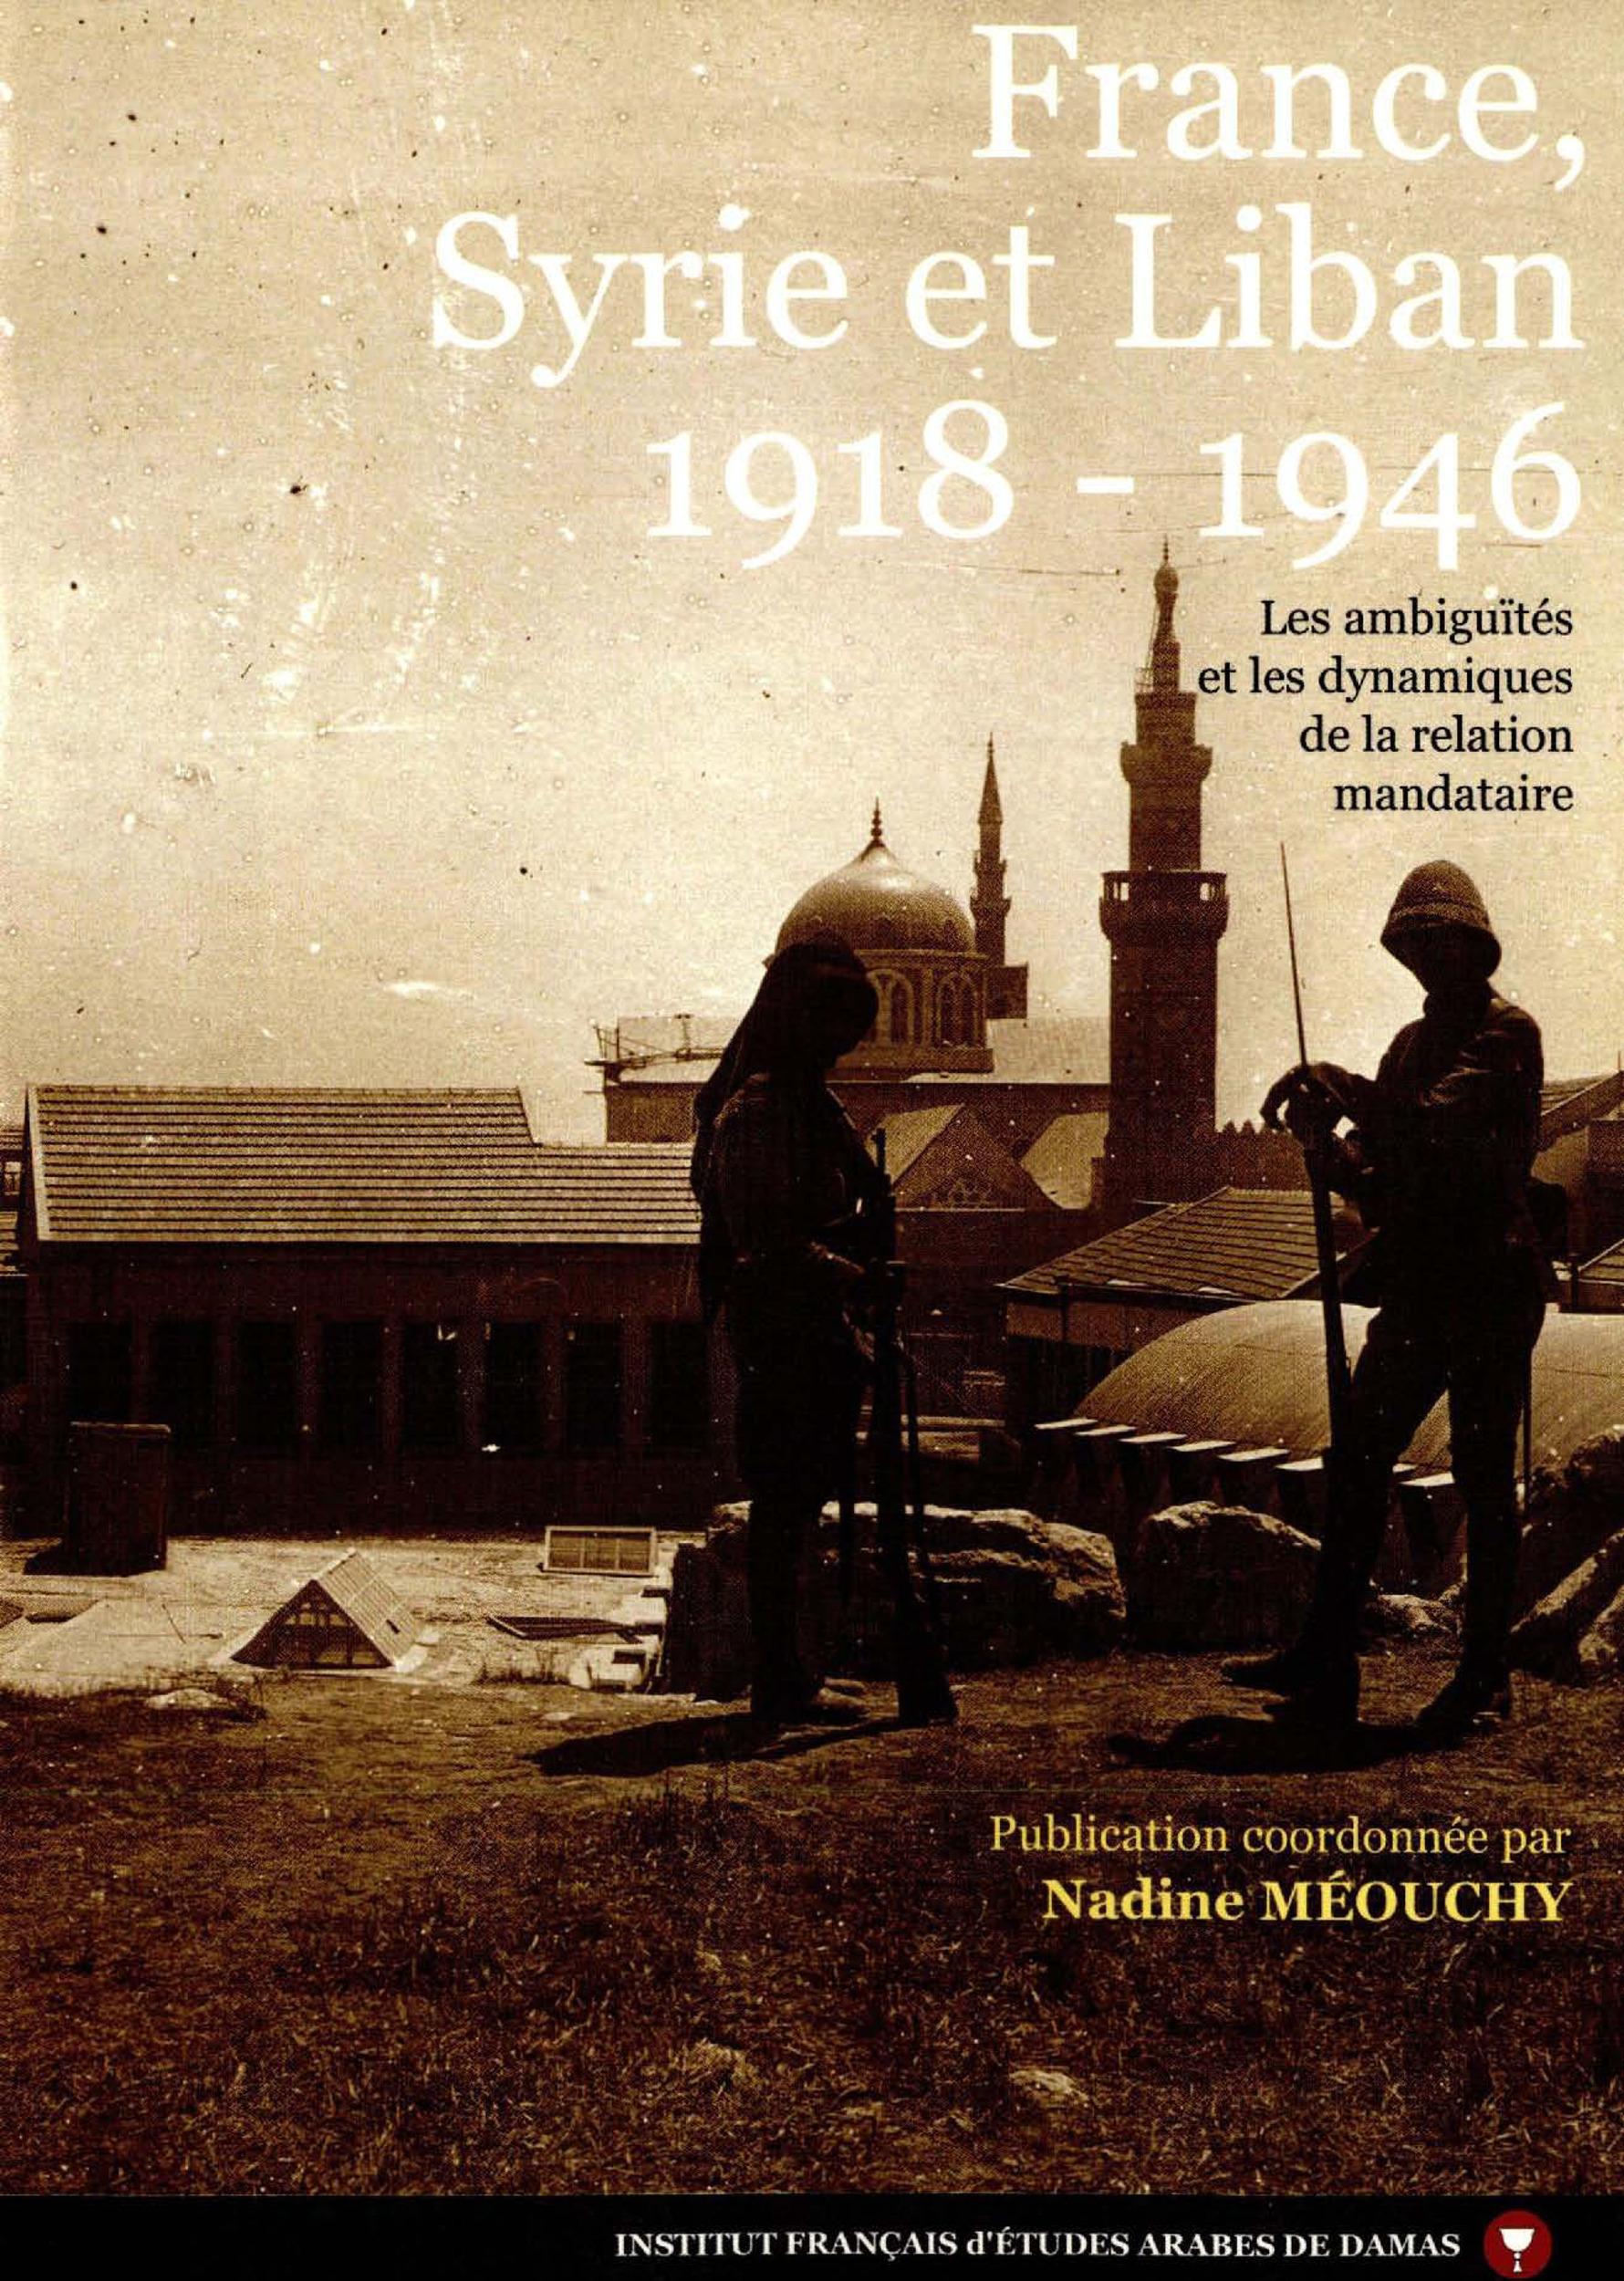 france, syrie et liban : 1918 1946, les ambiguites et les dynamiques de la relation mandataire